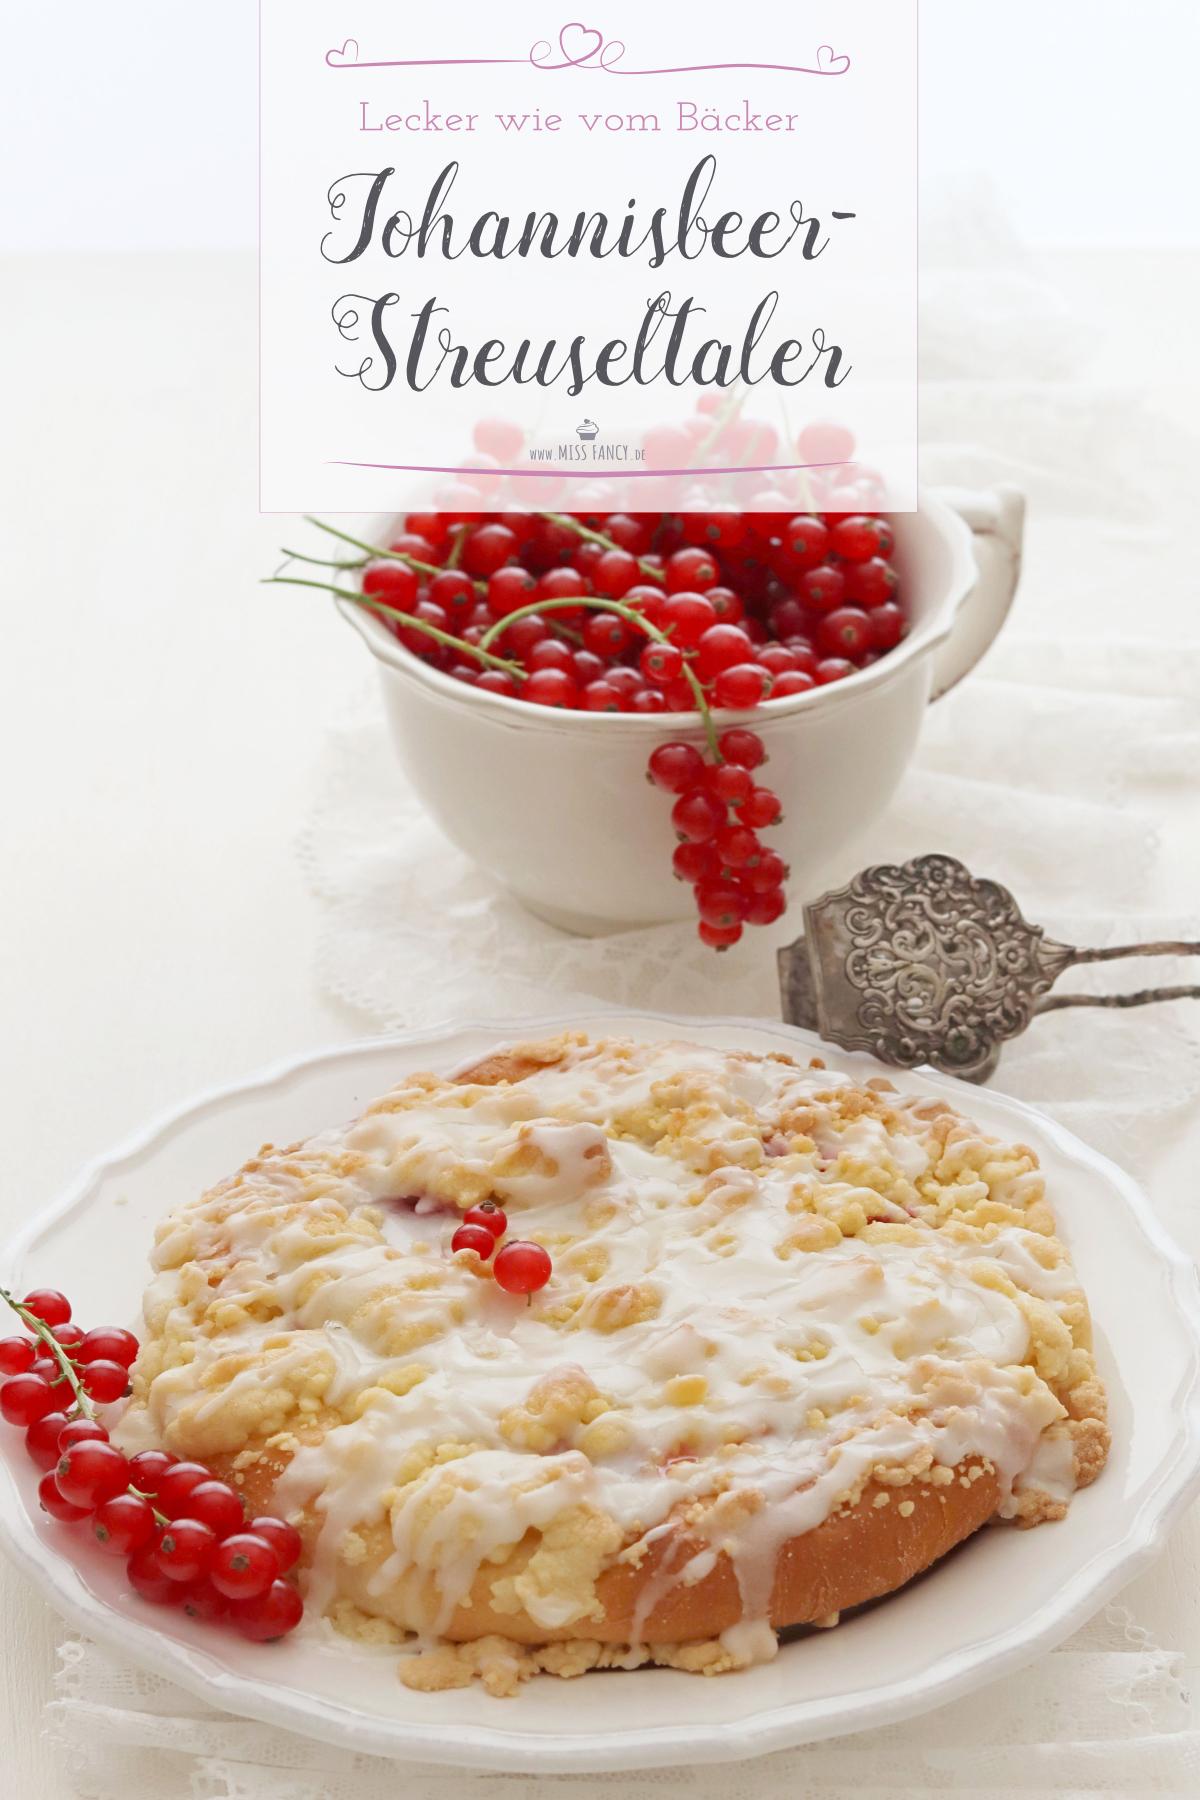 Rezept-Johannisbeer-Streuseltaler-Food-Blog